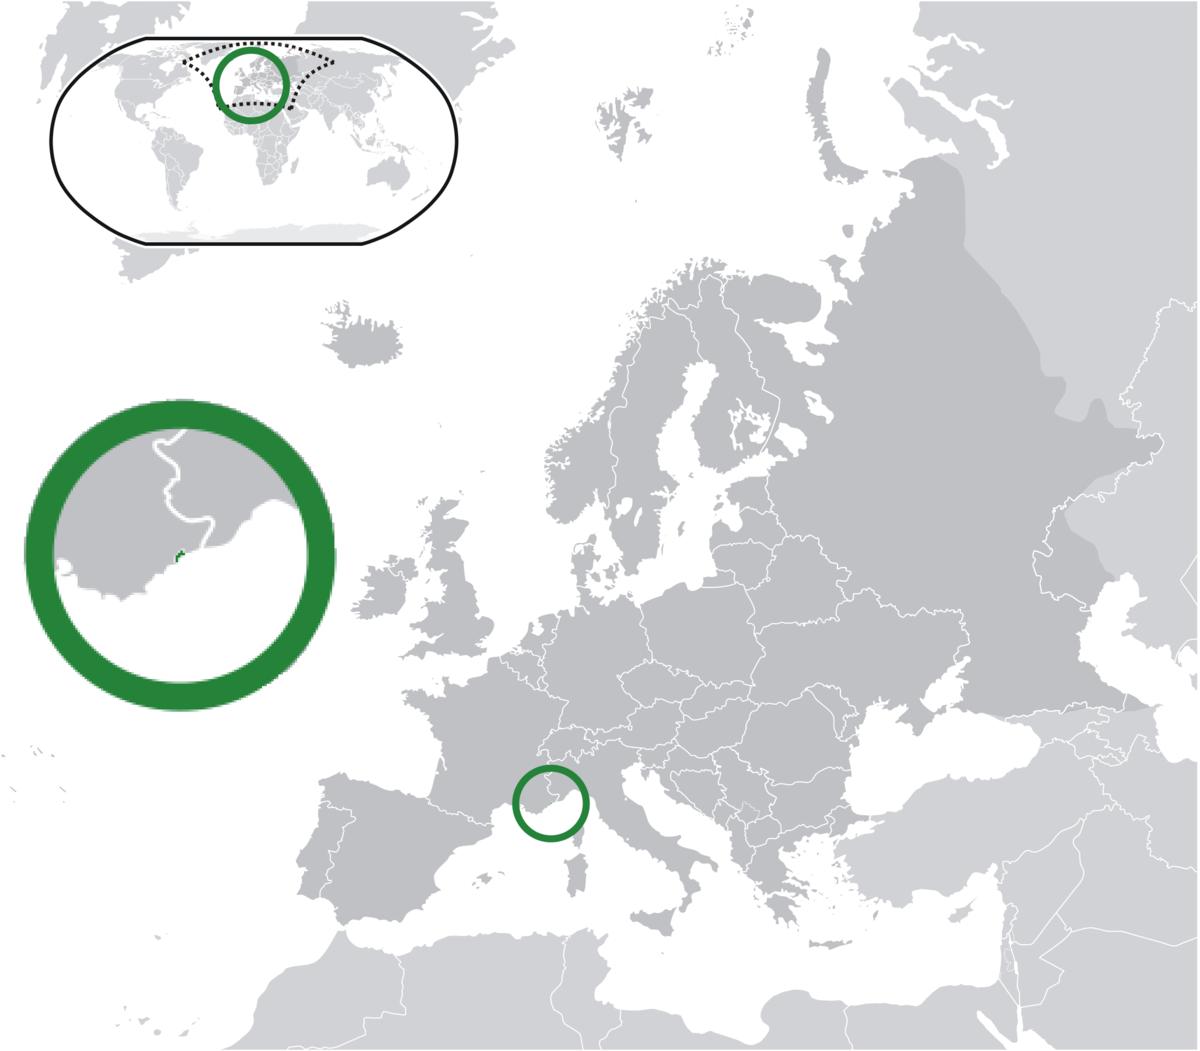 európa térkép monaco Monaco – Wikipédia európa térkép monaco